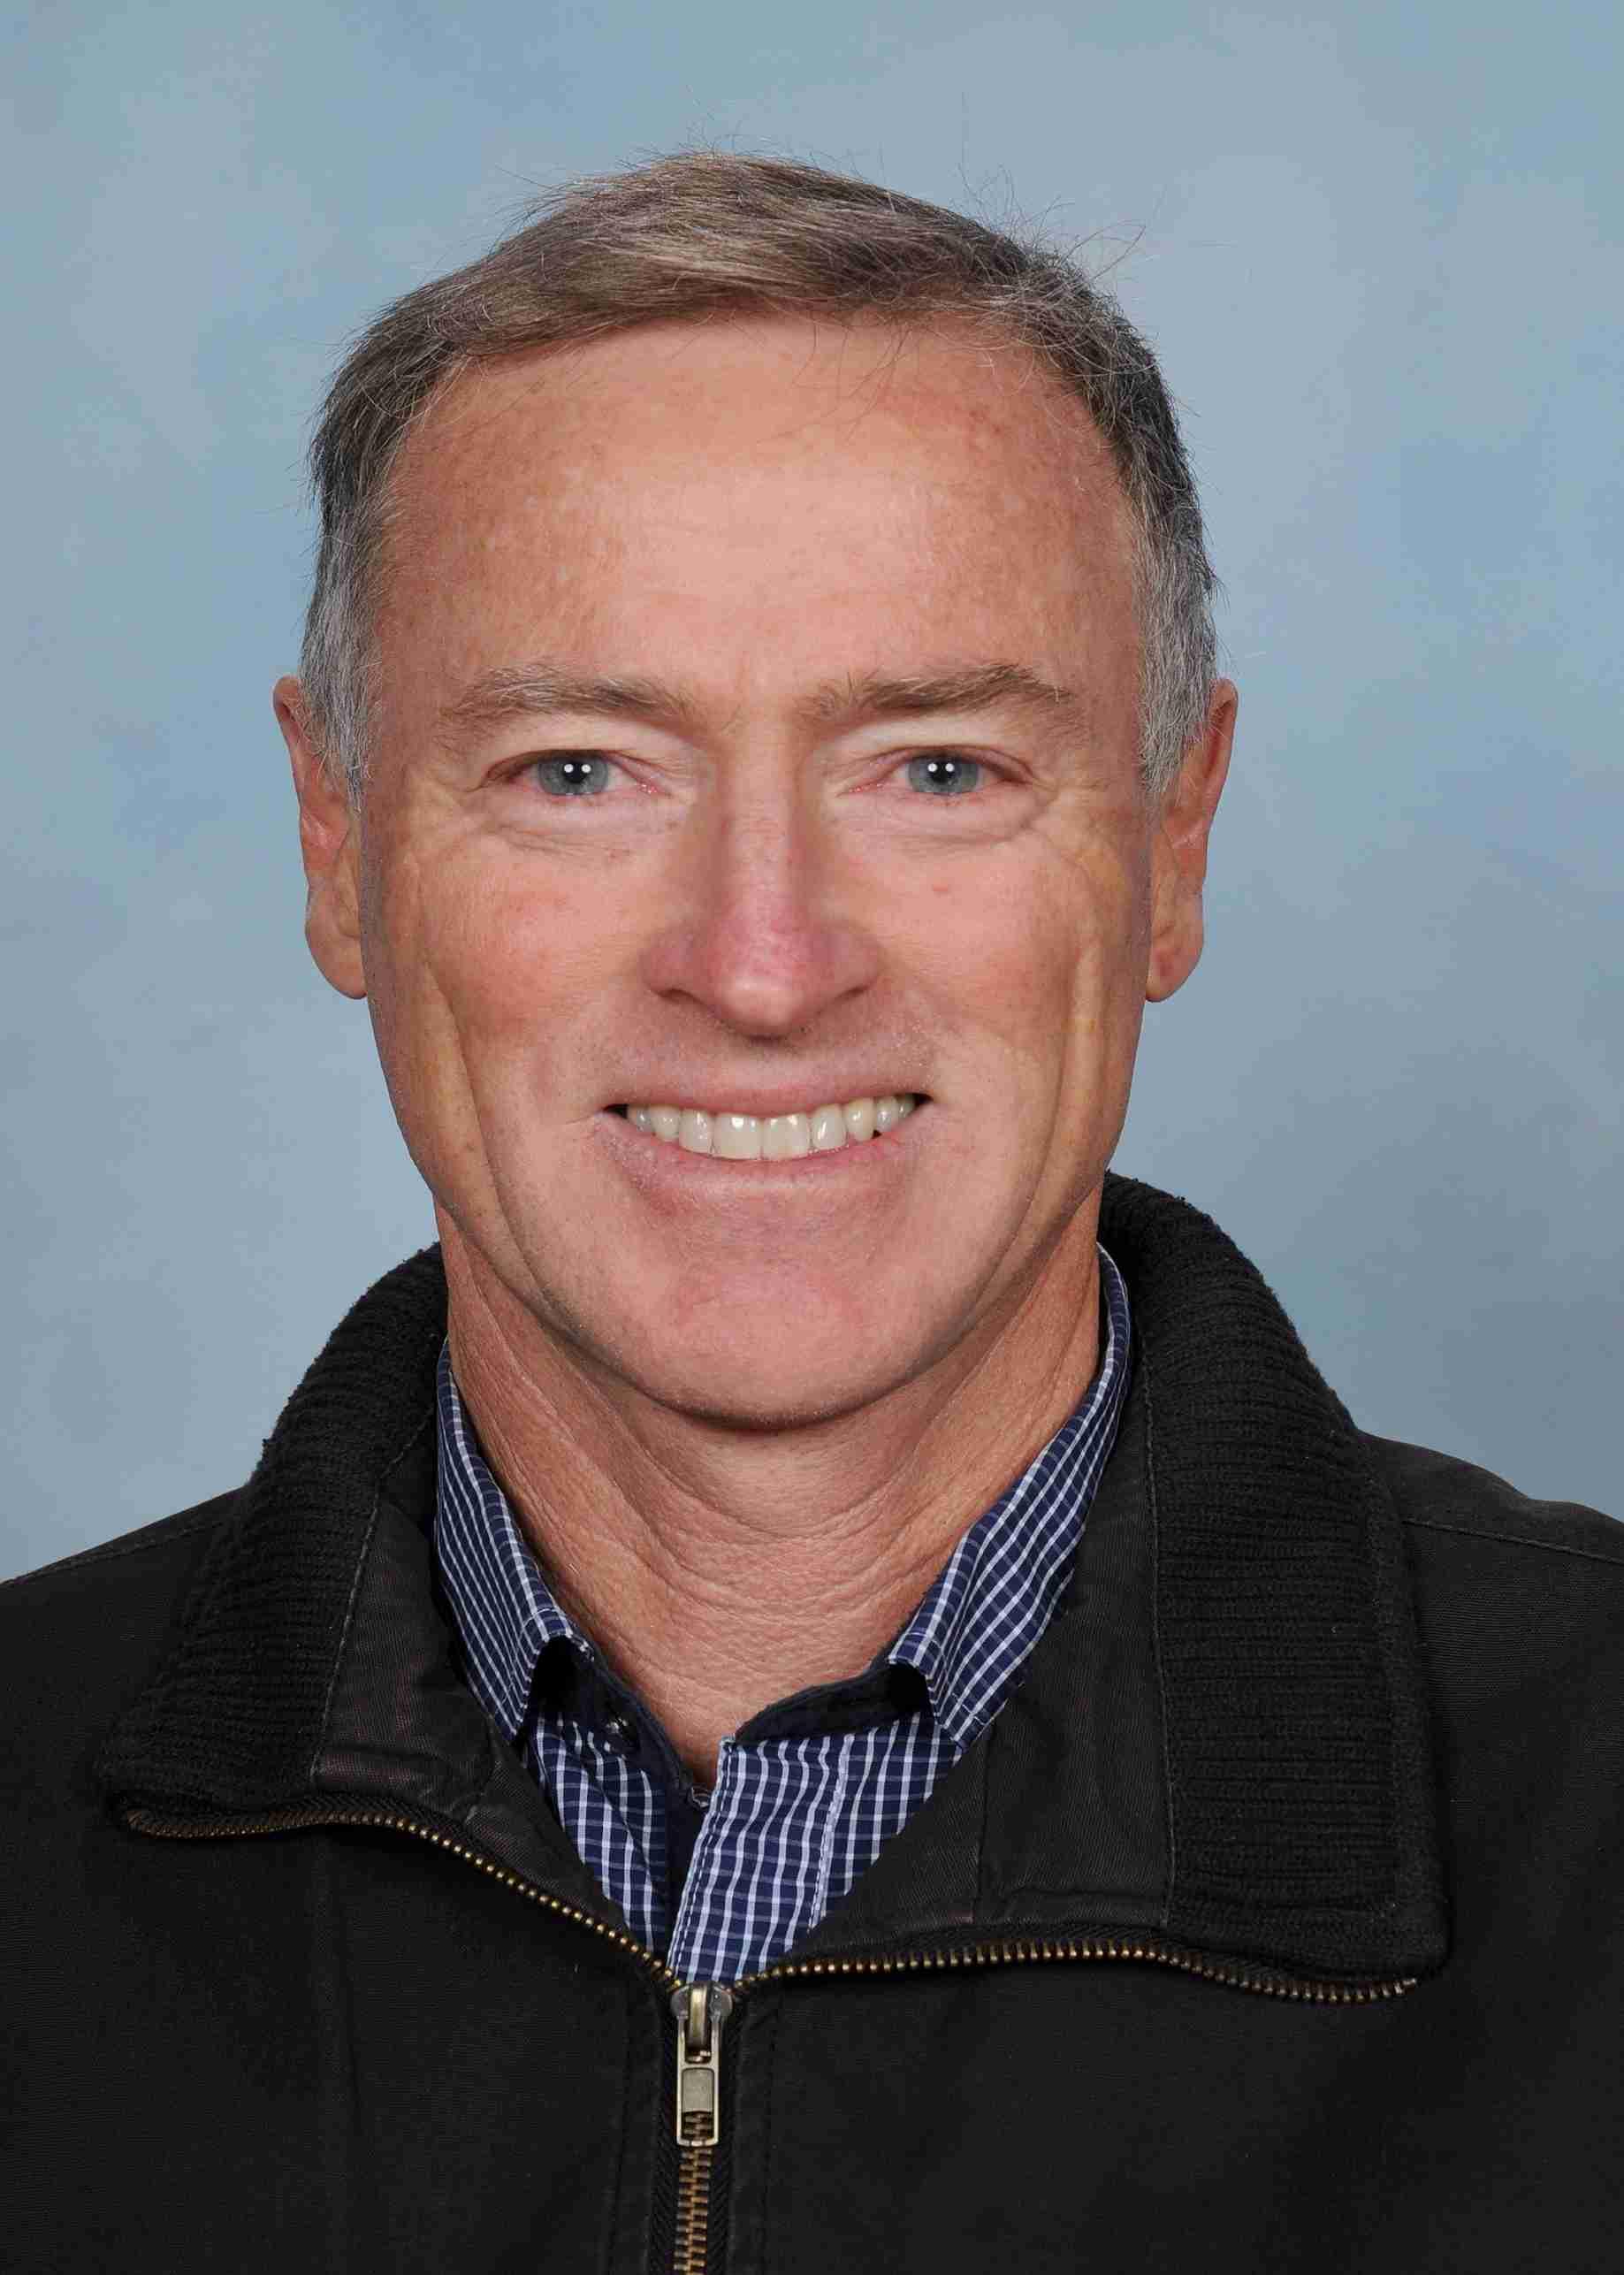 Kevin Simington